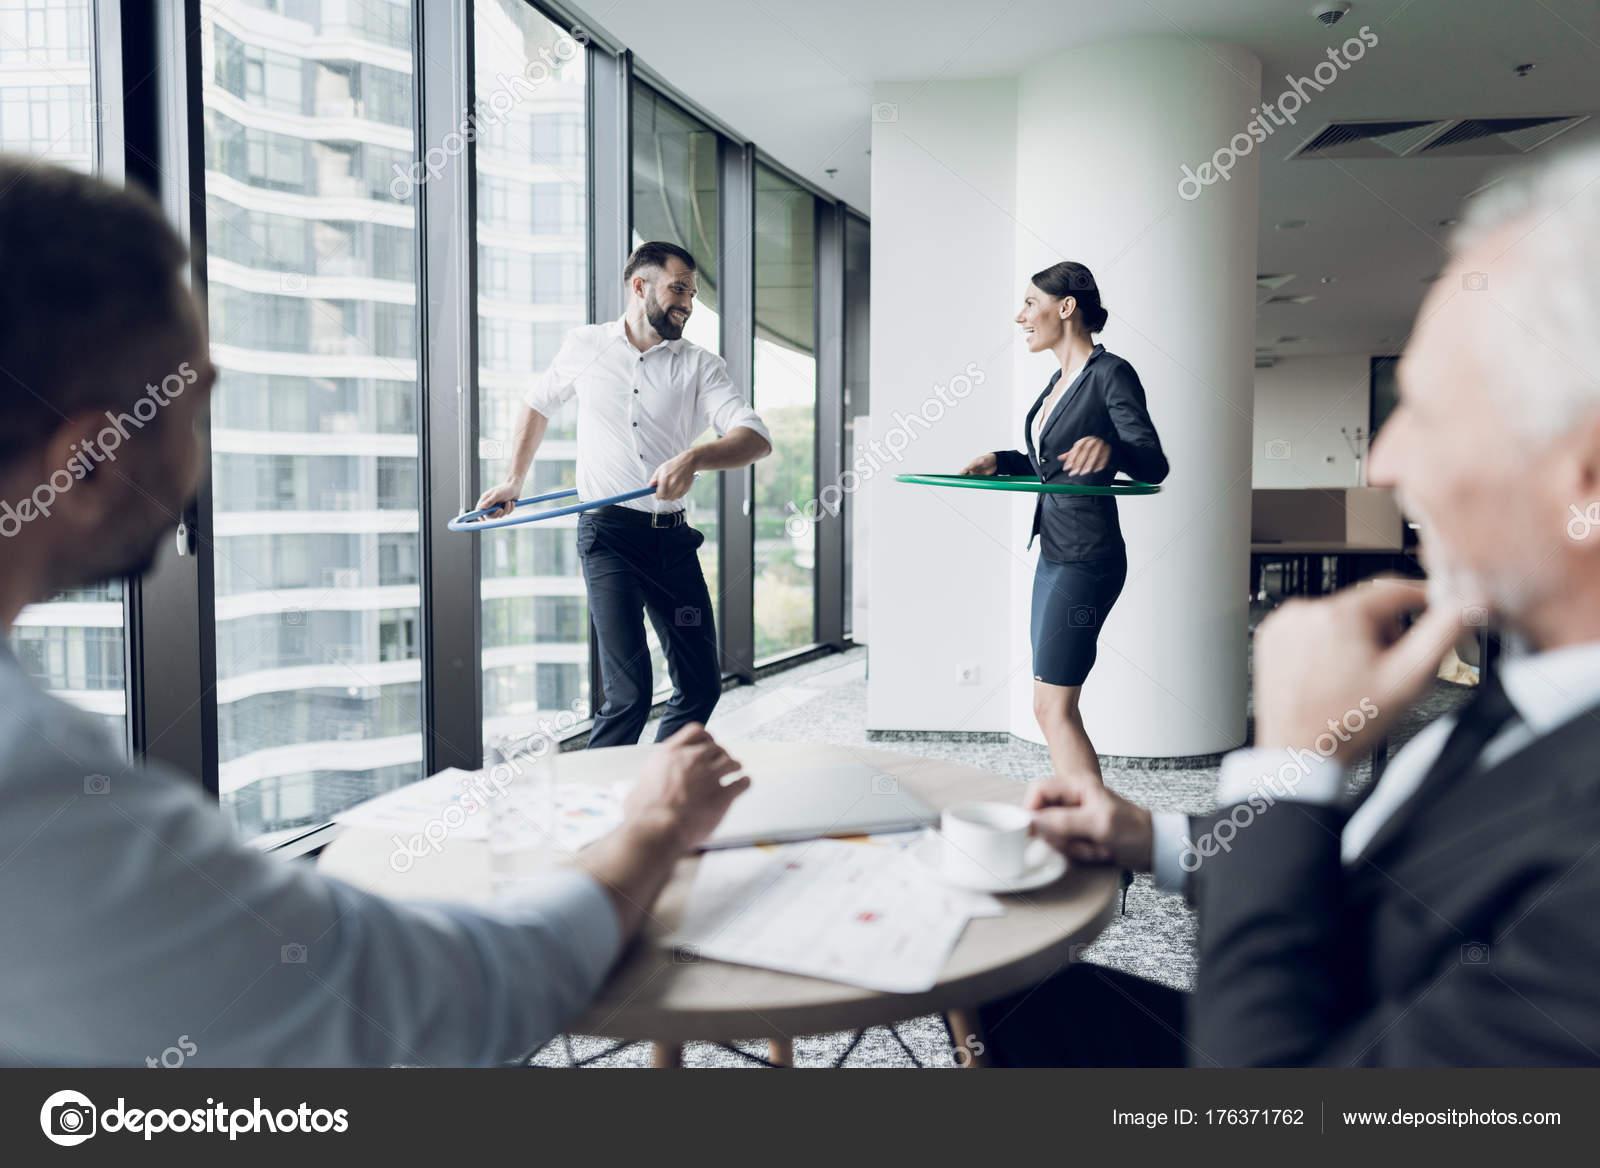 Kul på kontoret. En man och en kvinna twist hula hoops. Två av sina  kollegor sitta vid bordet och titta på dem. På bakgrund av ett stort  panoramafönster med ... 76337c9b9de3c